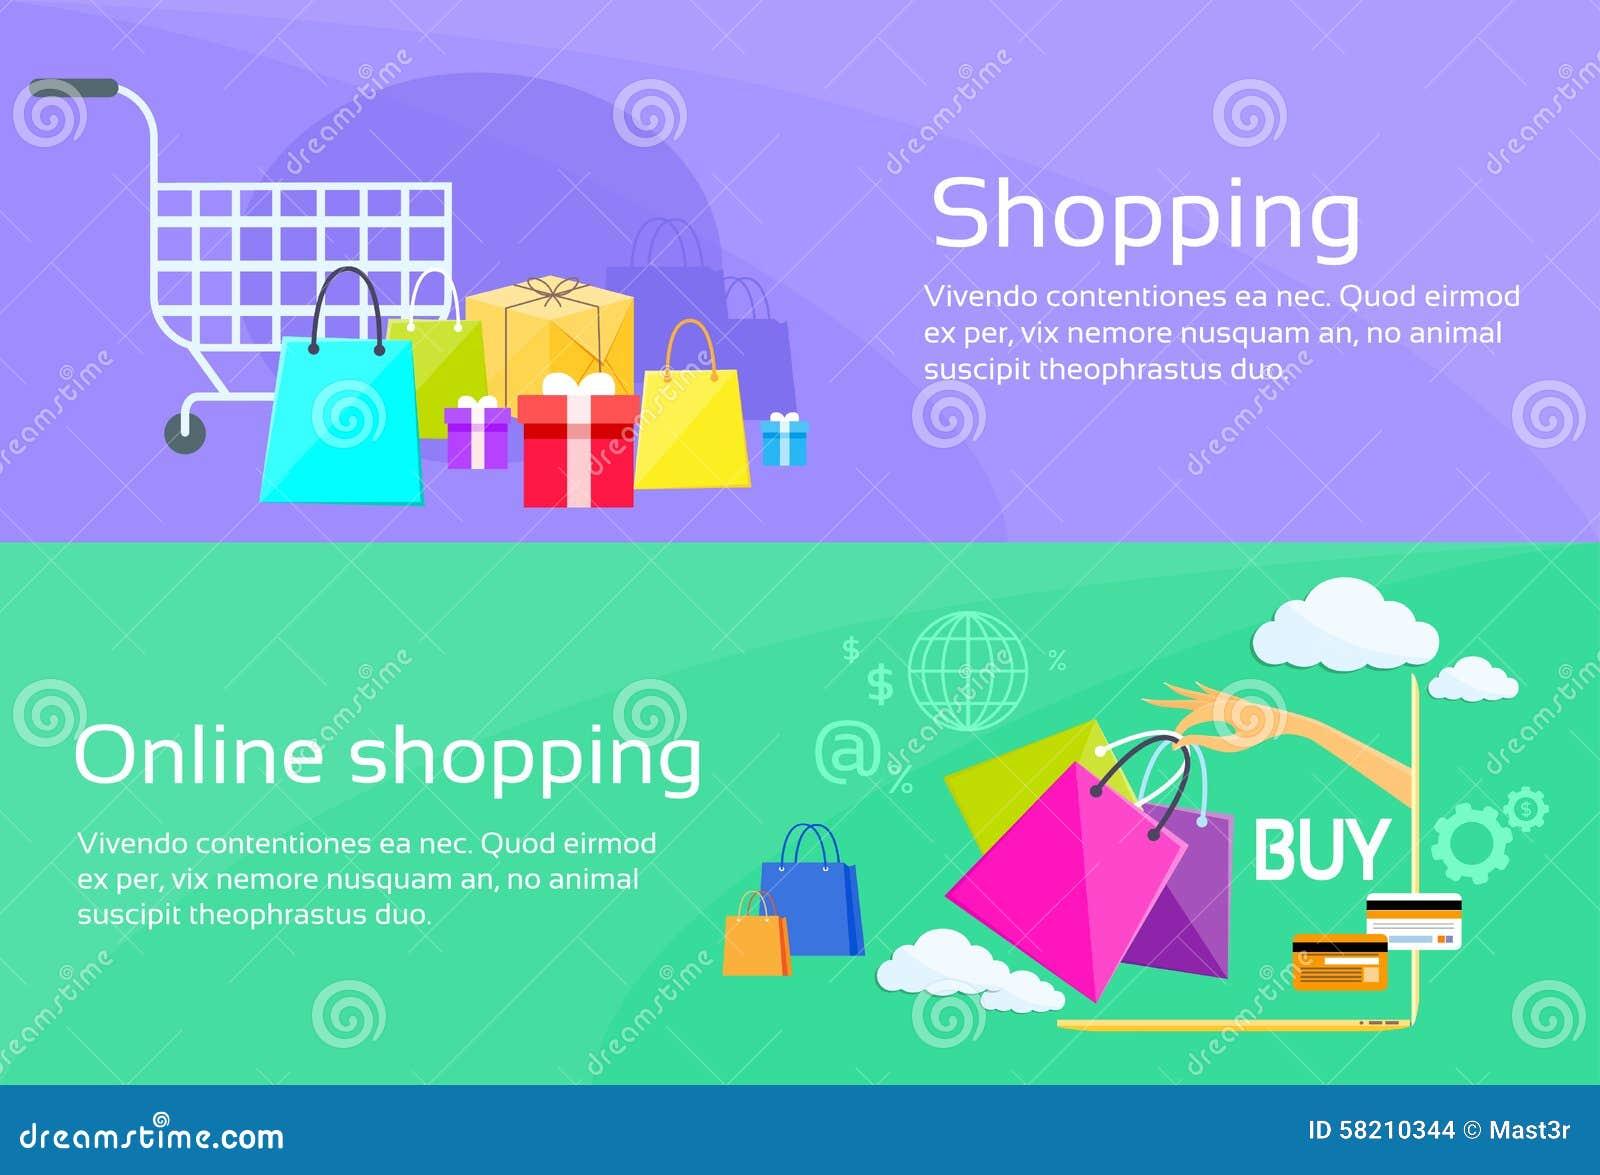 online-shopping-bag-web-banner-commerce-flat-vector-illustration-58210344.jpg